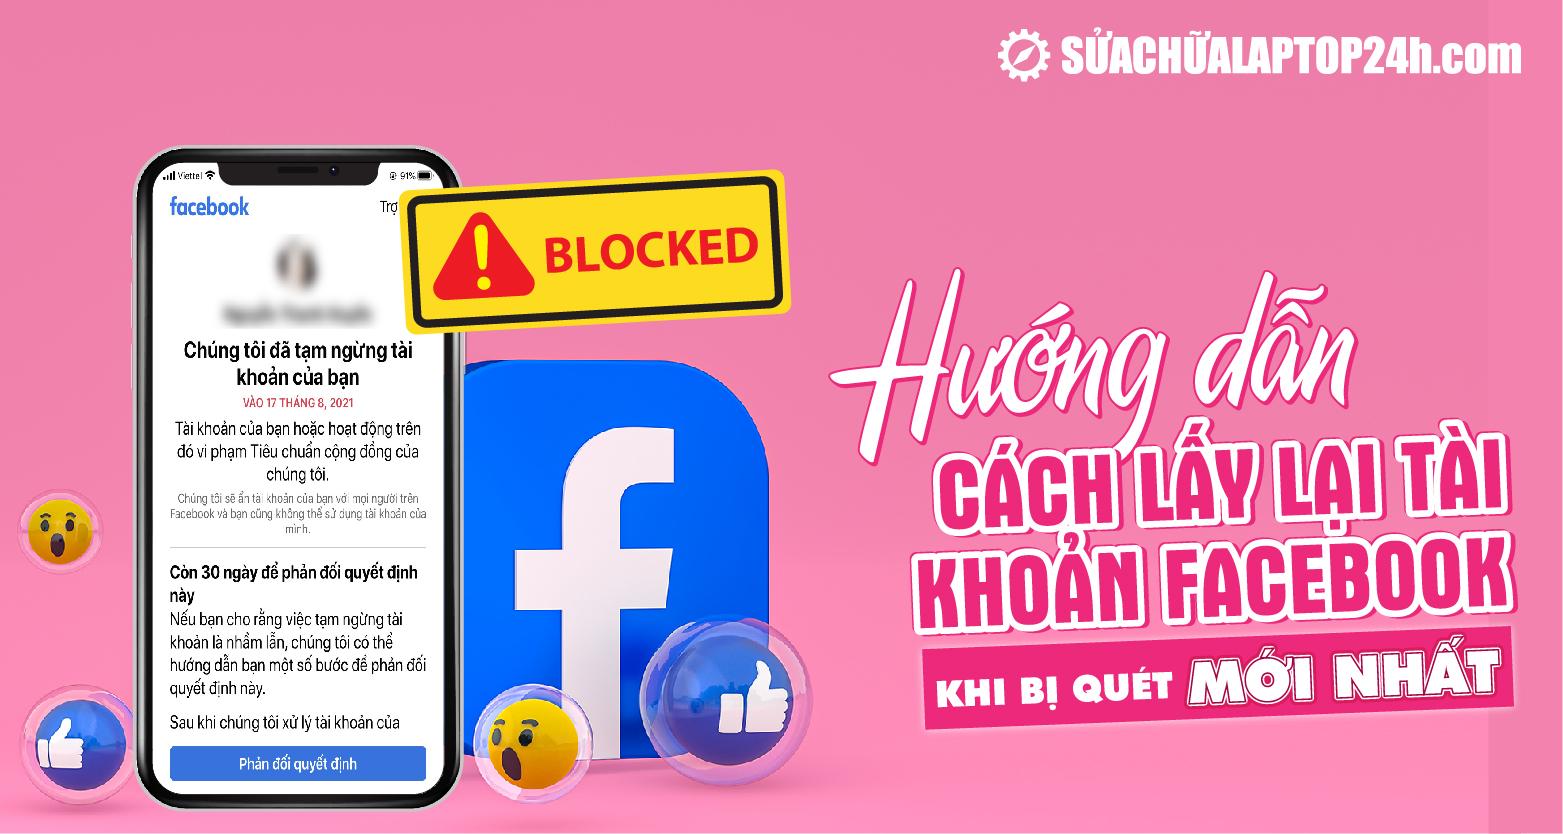 Làm sao để lấy lại tài khoản Facebook khi bị quét?